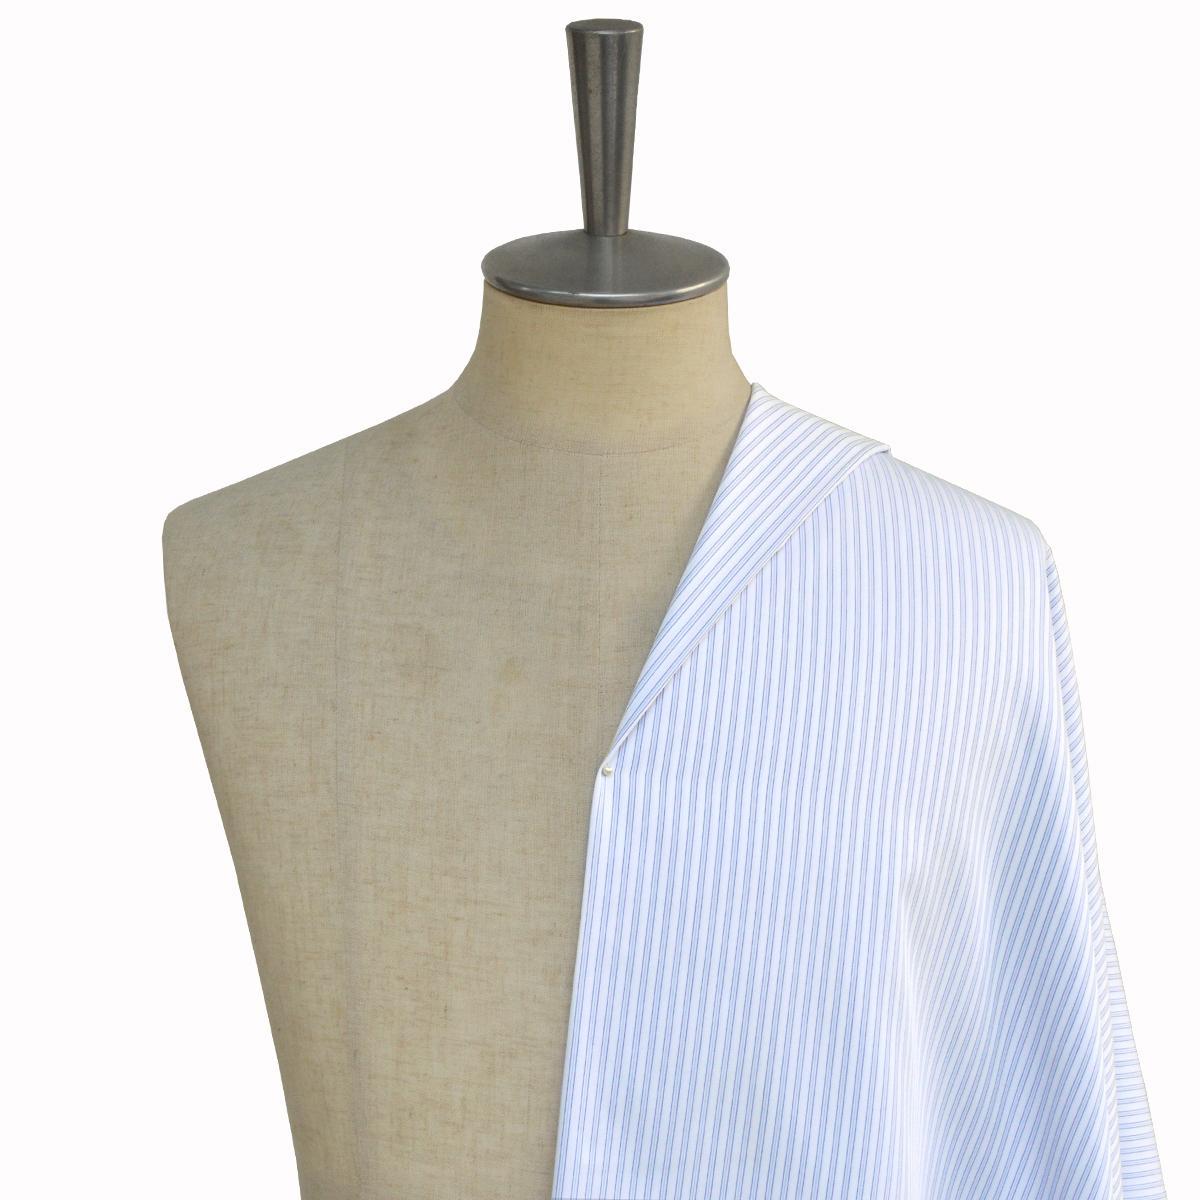 [オーダーシャツ]形態安定シャツの定番、ブルーストライプシャツ!